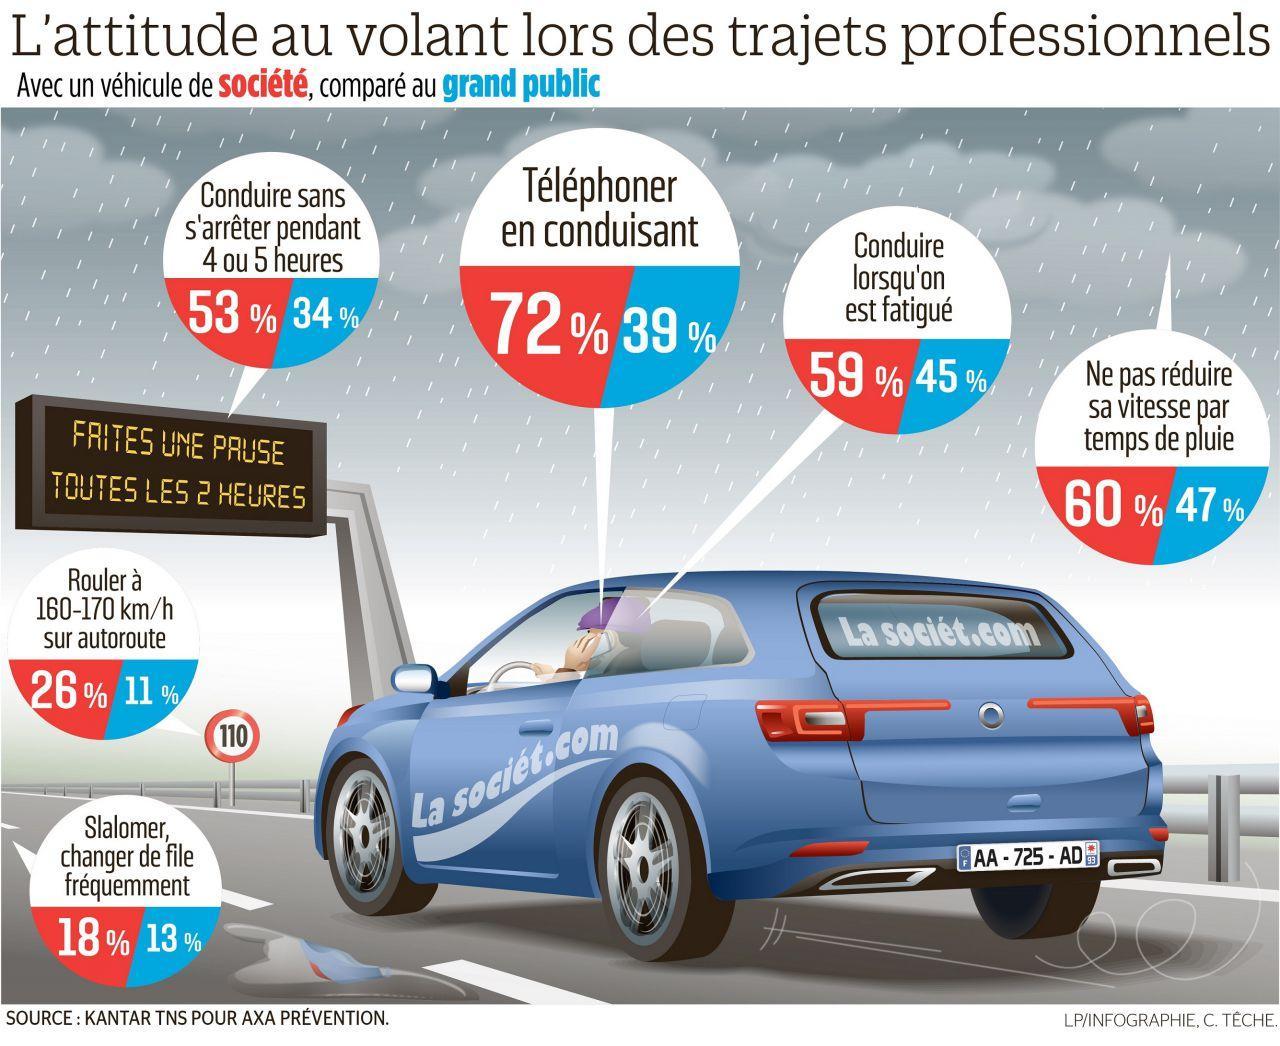 Trajet professionnel : le comportement inquiétant des conducteurs.